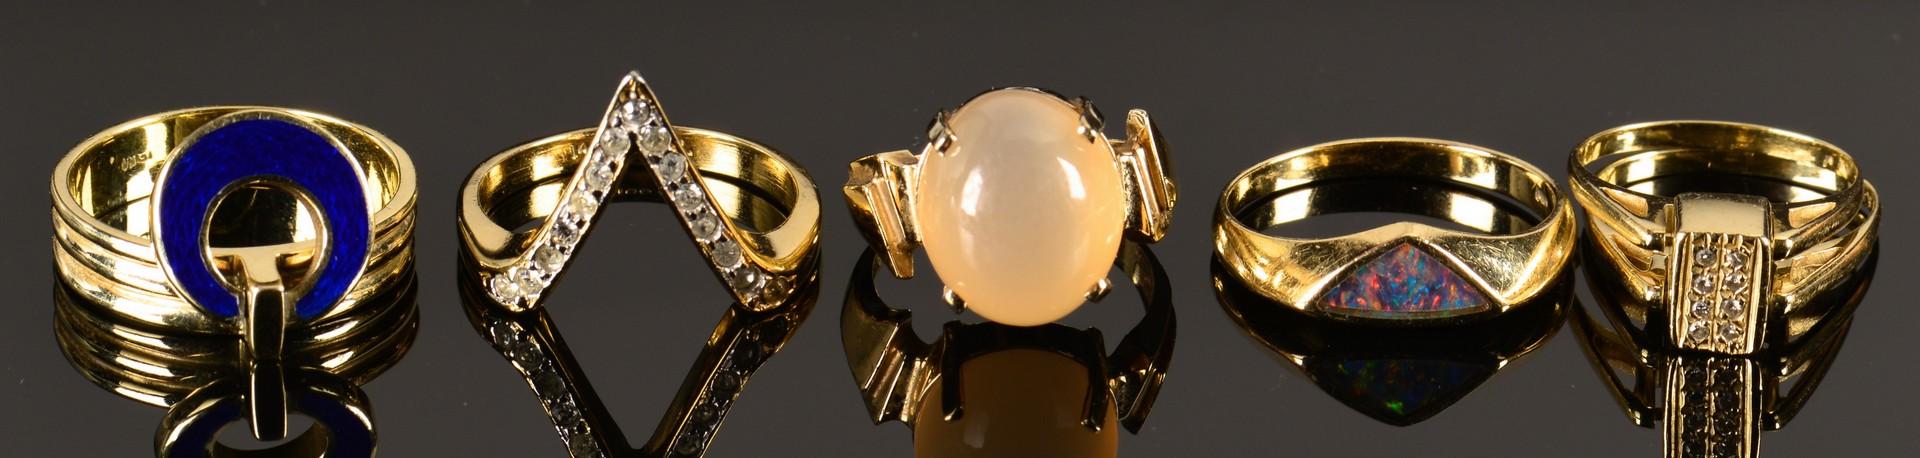 Lot 796: Five 14K Fashion Rings